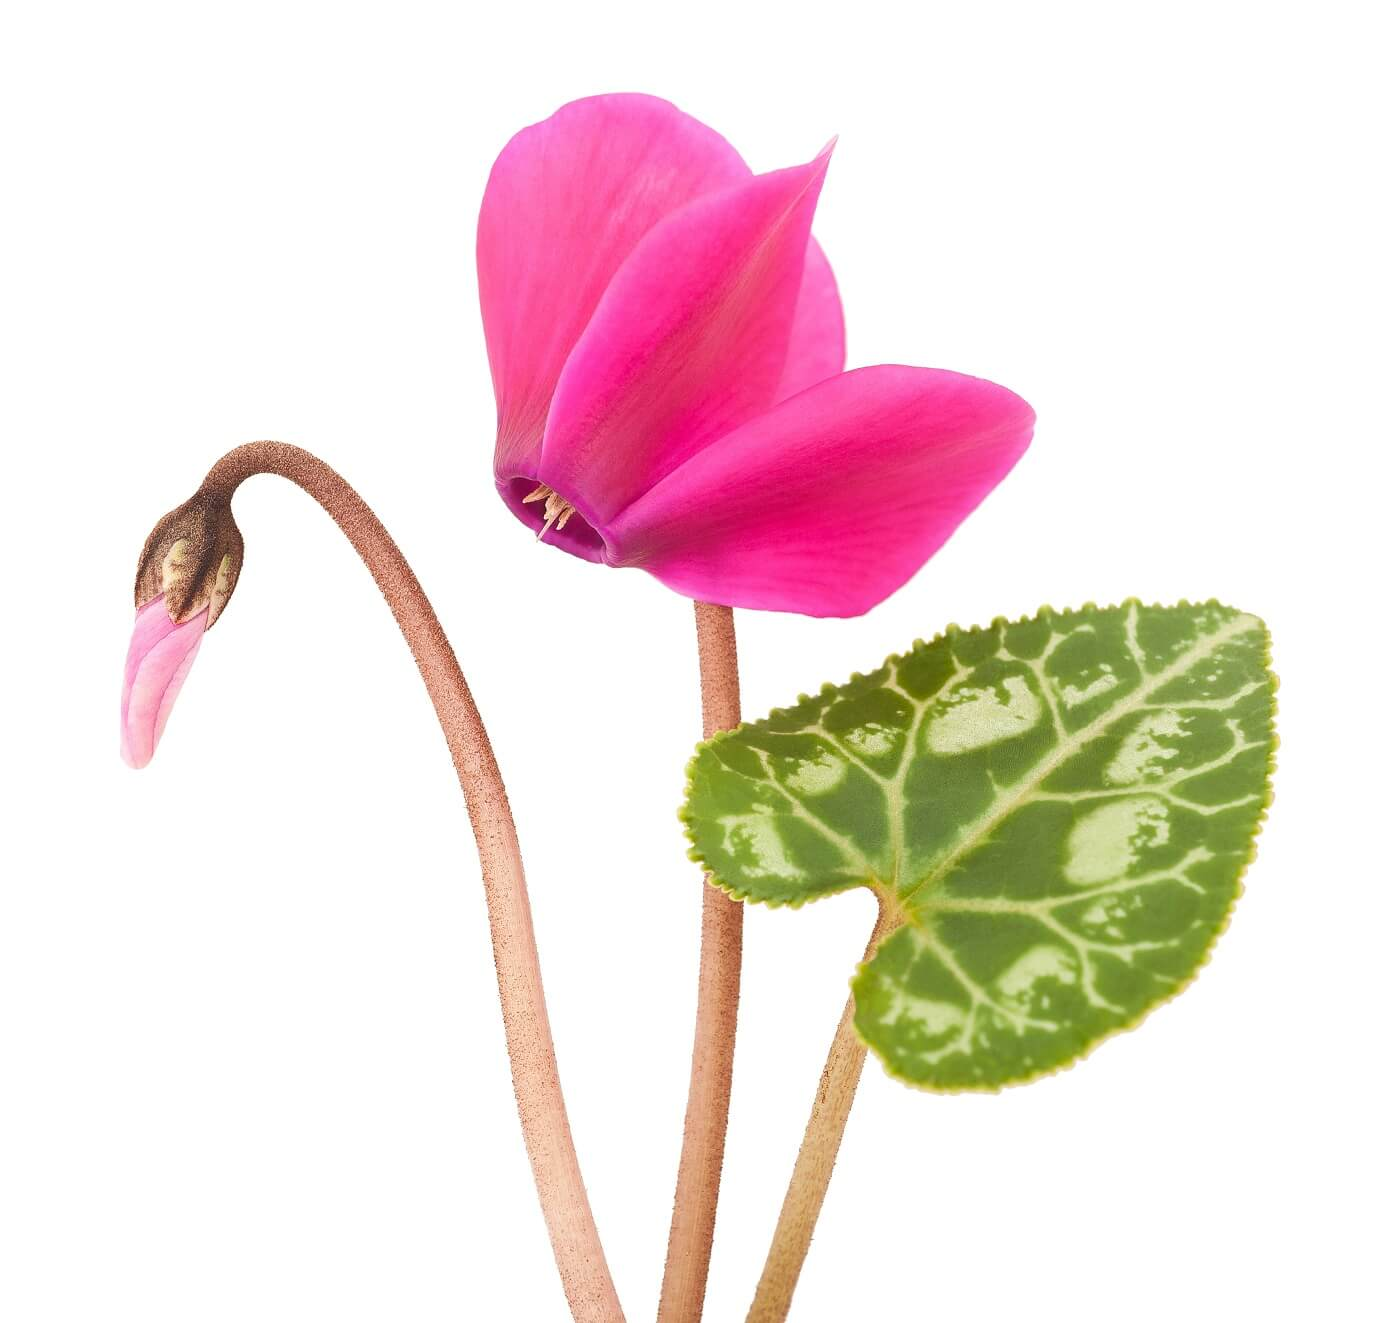 Цветок цикламен: желтеют листья. Что делать и как устранить причины?